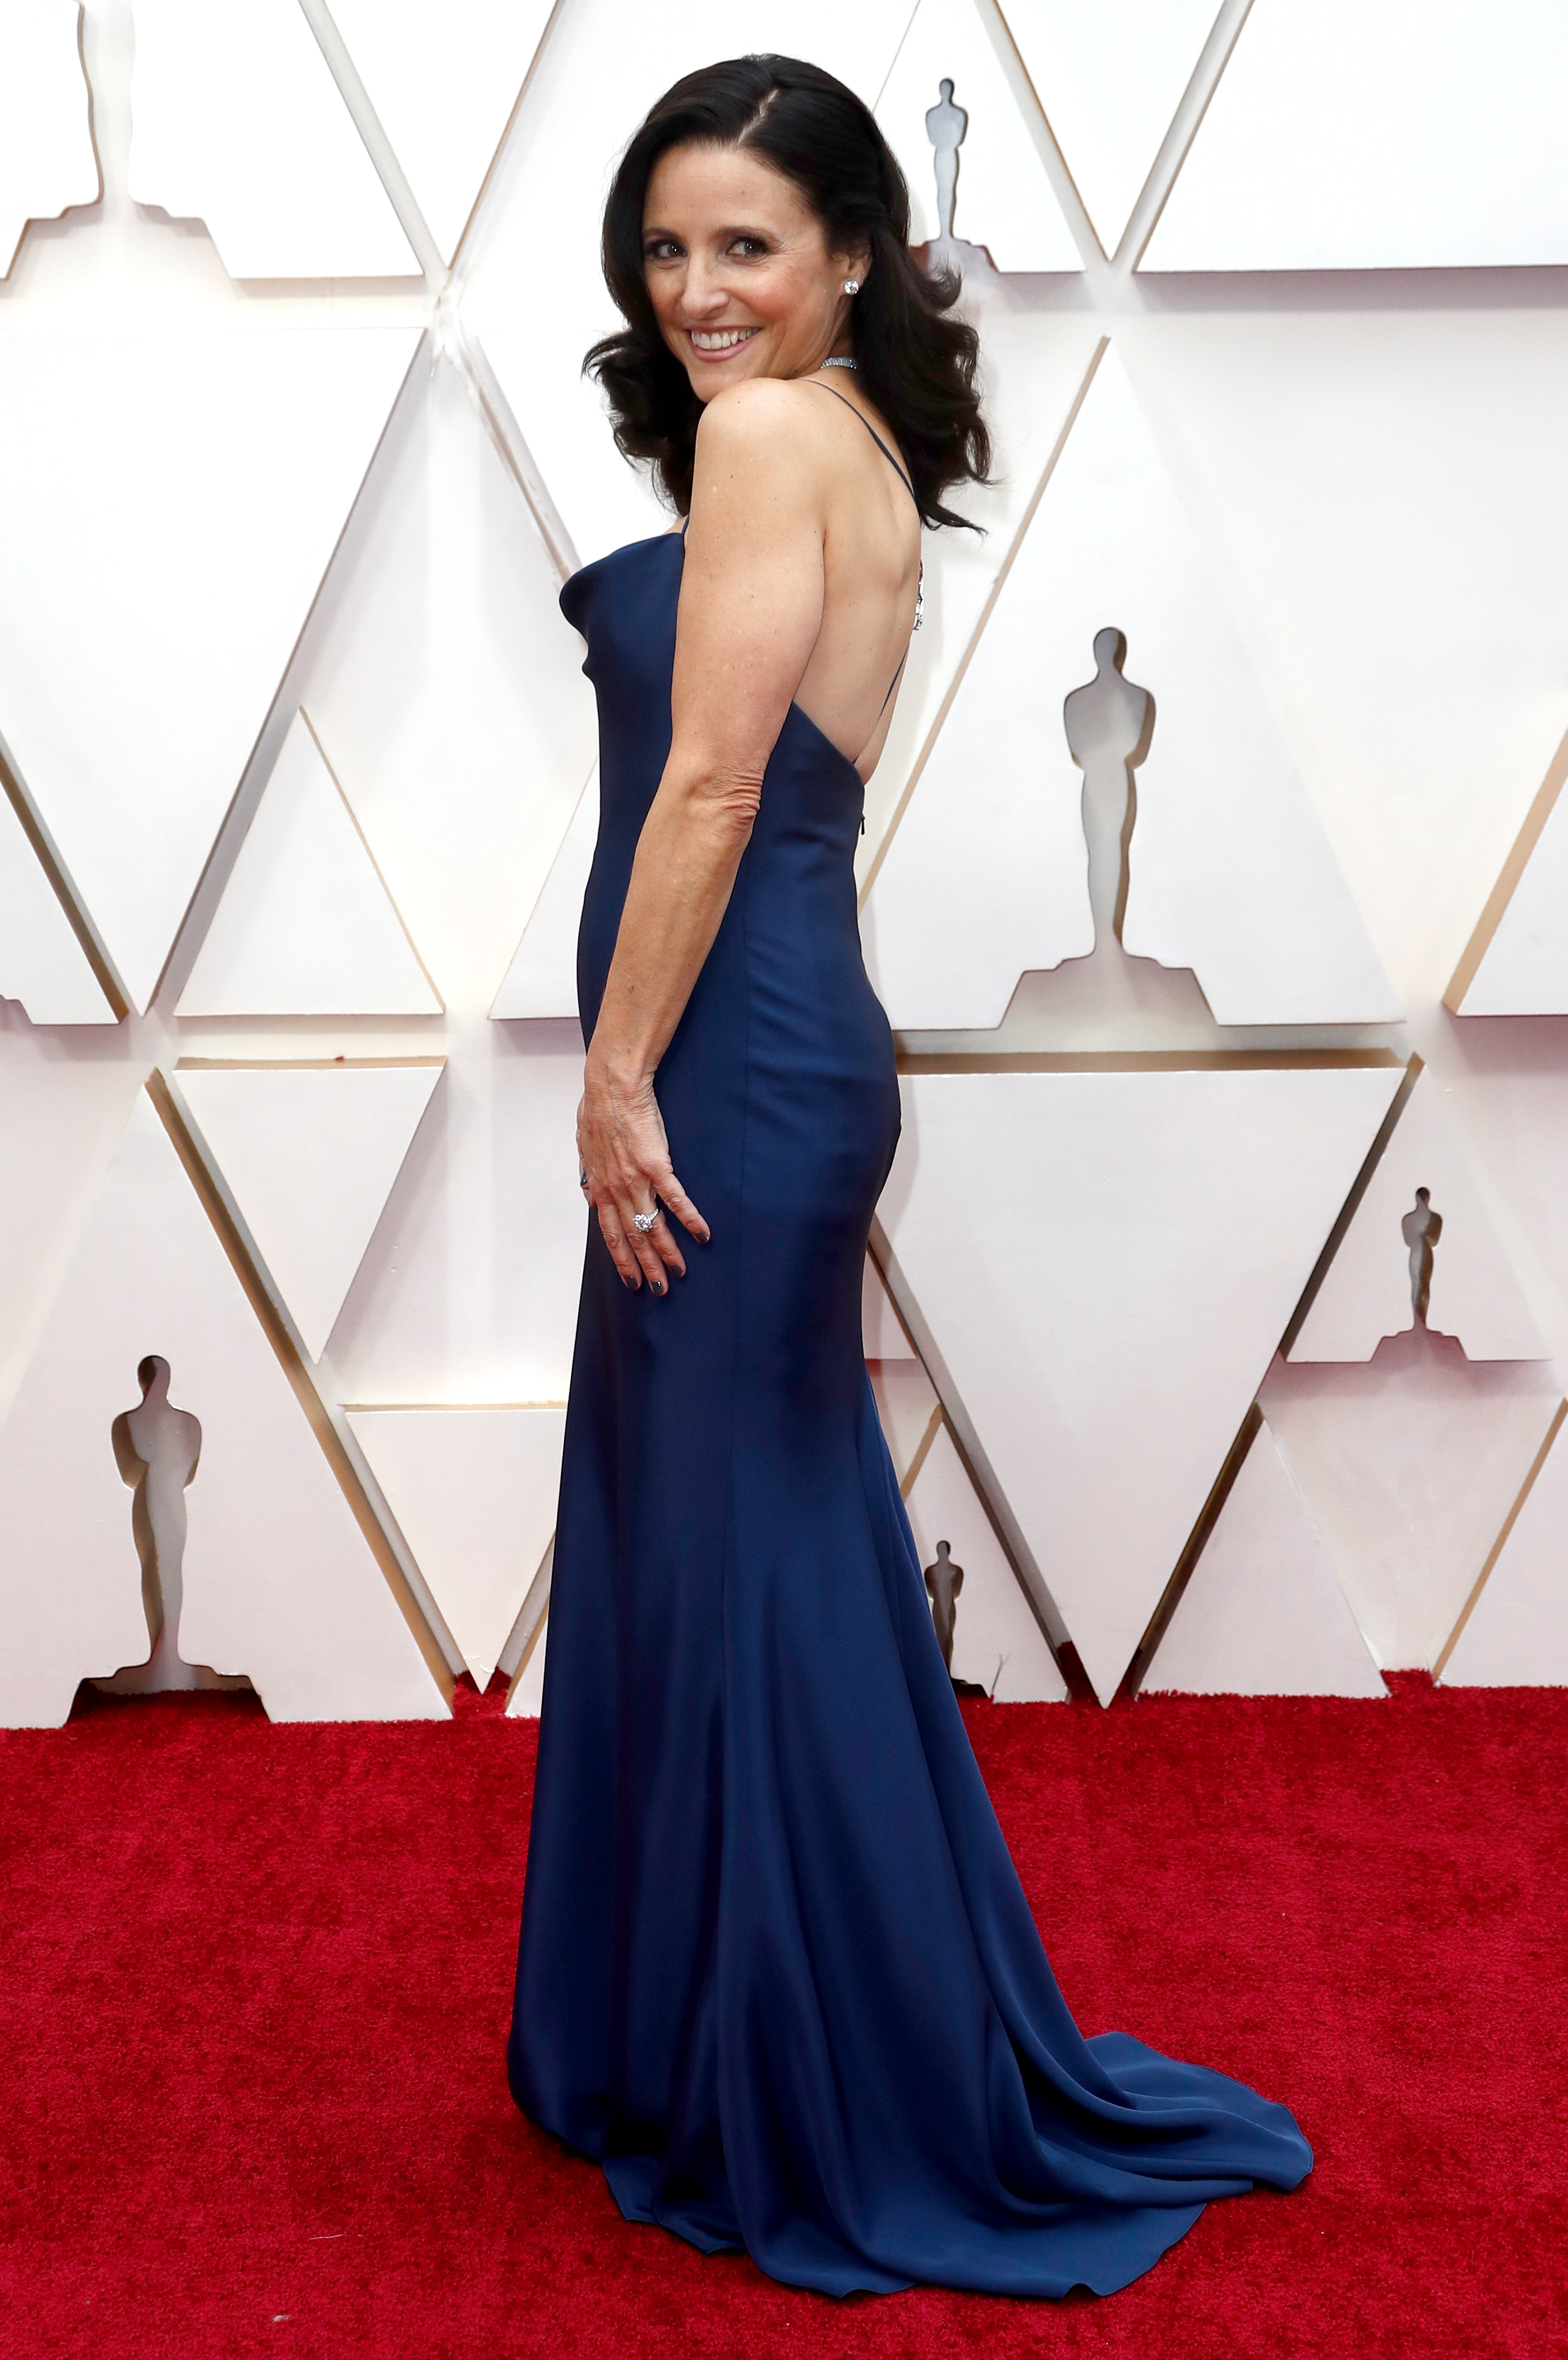 Julia Louis-Dreyfus optó por un vestido de seda con espalda al descubierto y escote estilo jabot en color azul noche by Vera Wang. Completó su outfit con una gargantilla de brillantes, anillos y pequeños aros con diamantes